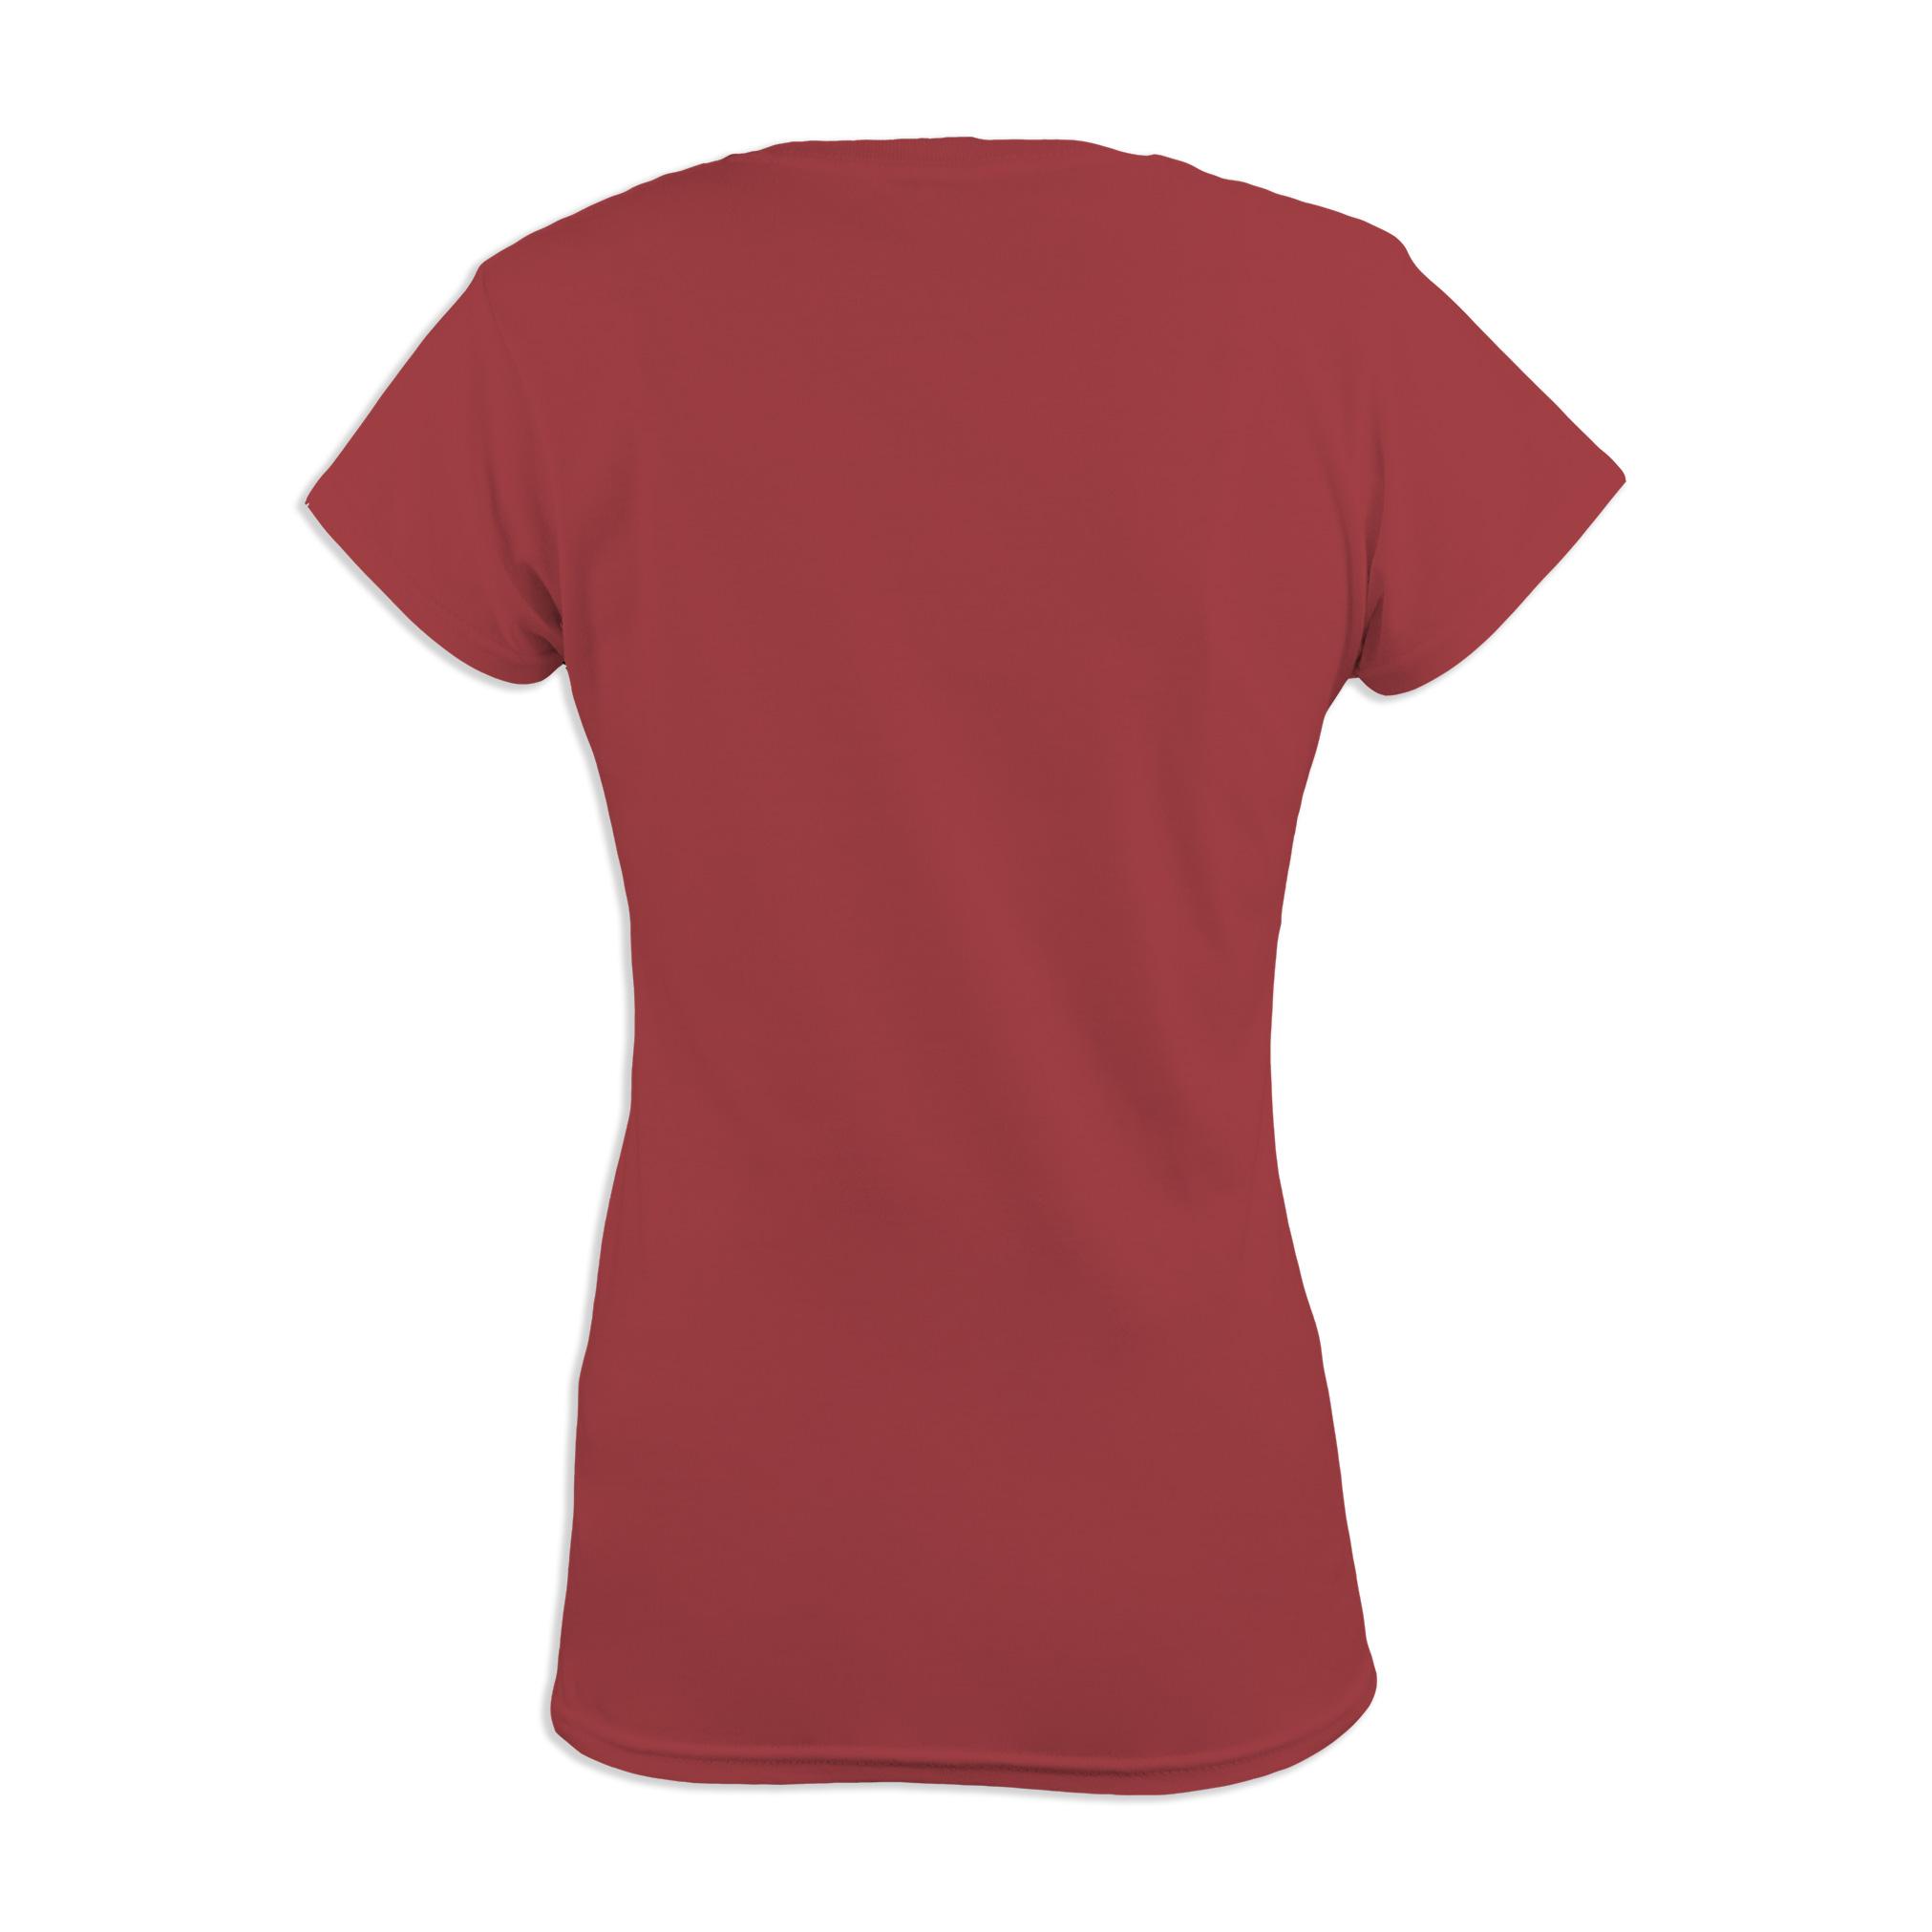 1d3412a3f547 Basic Damen T-Shirt V-Ausschnitt farbig - bandshirt24.de